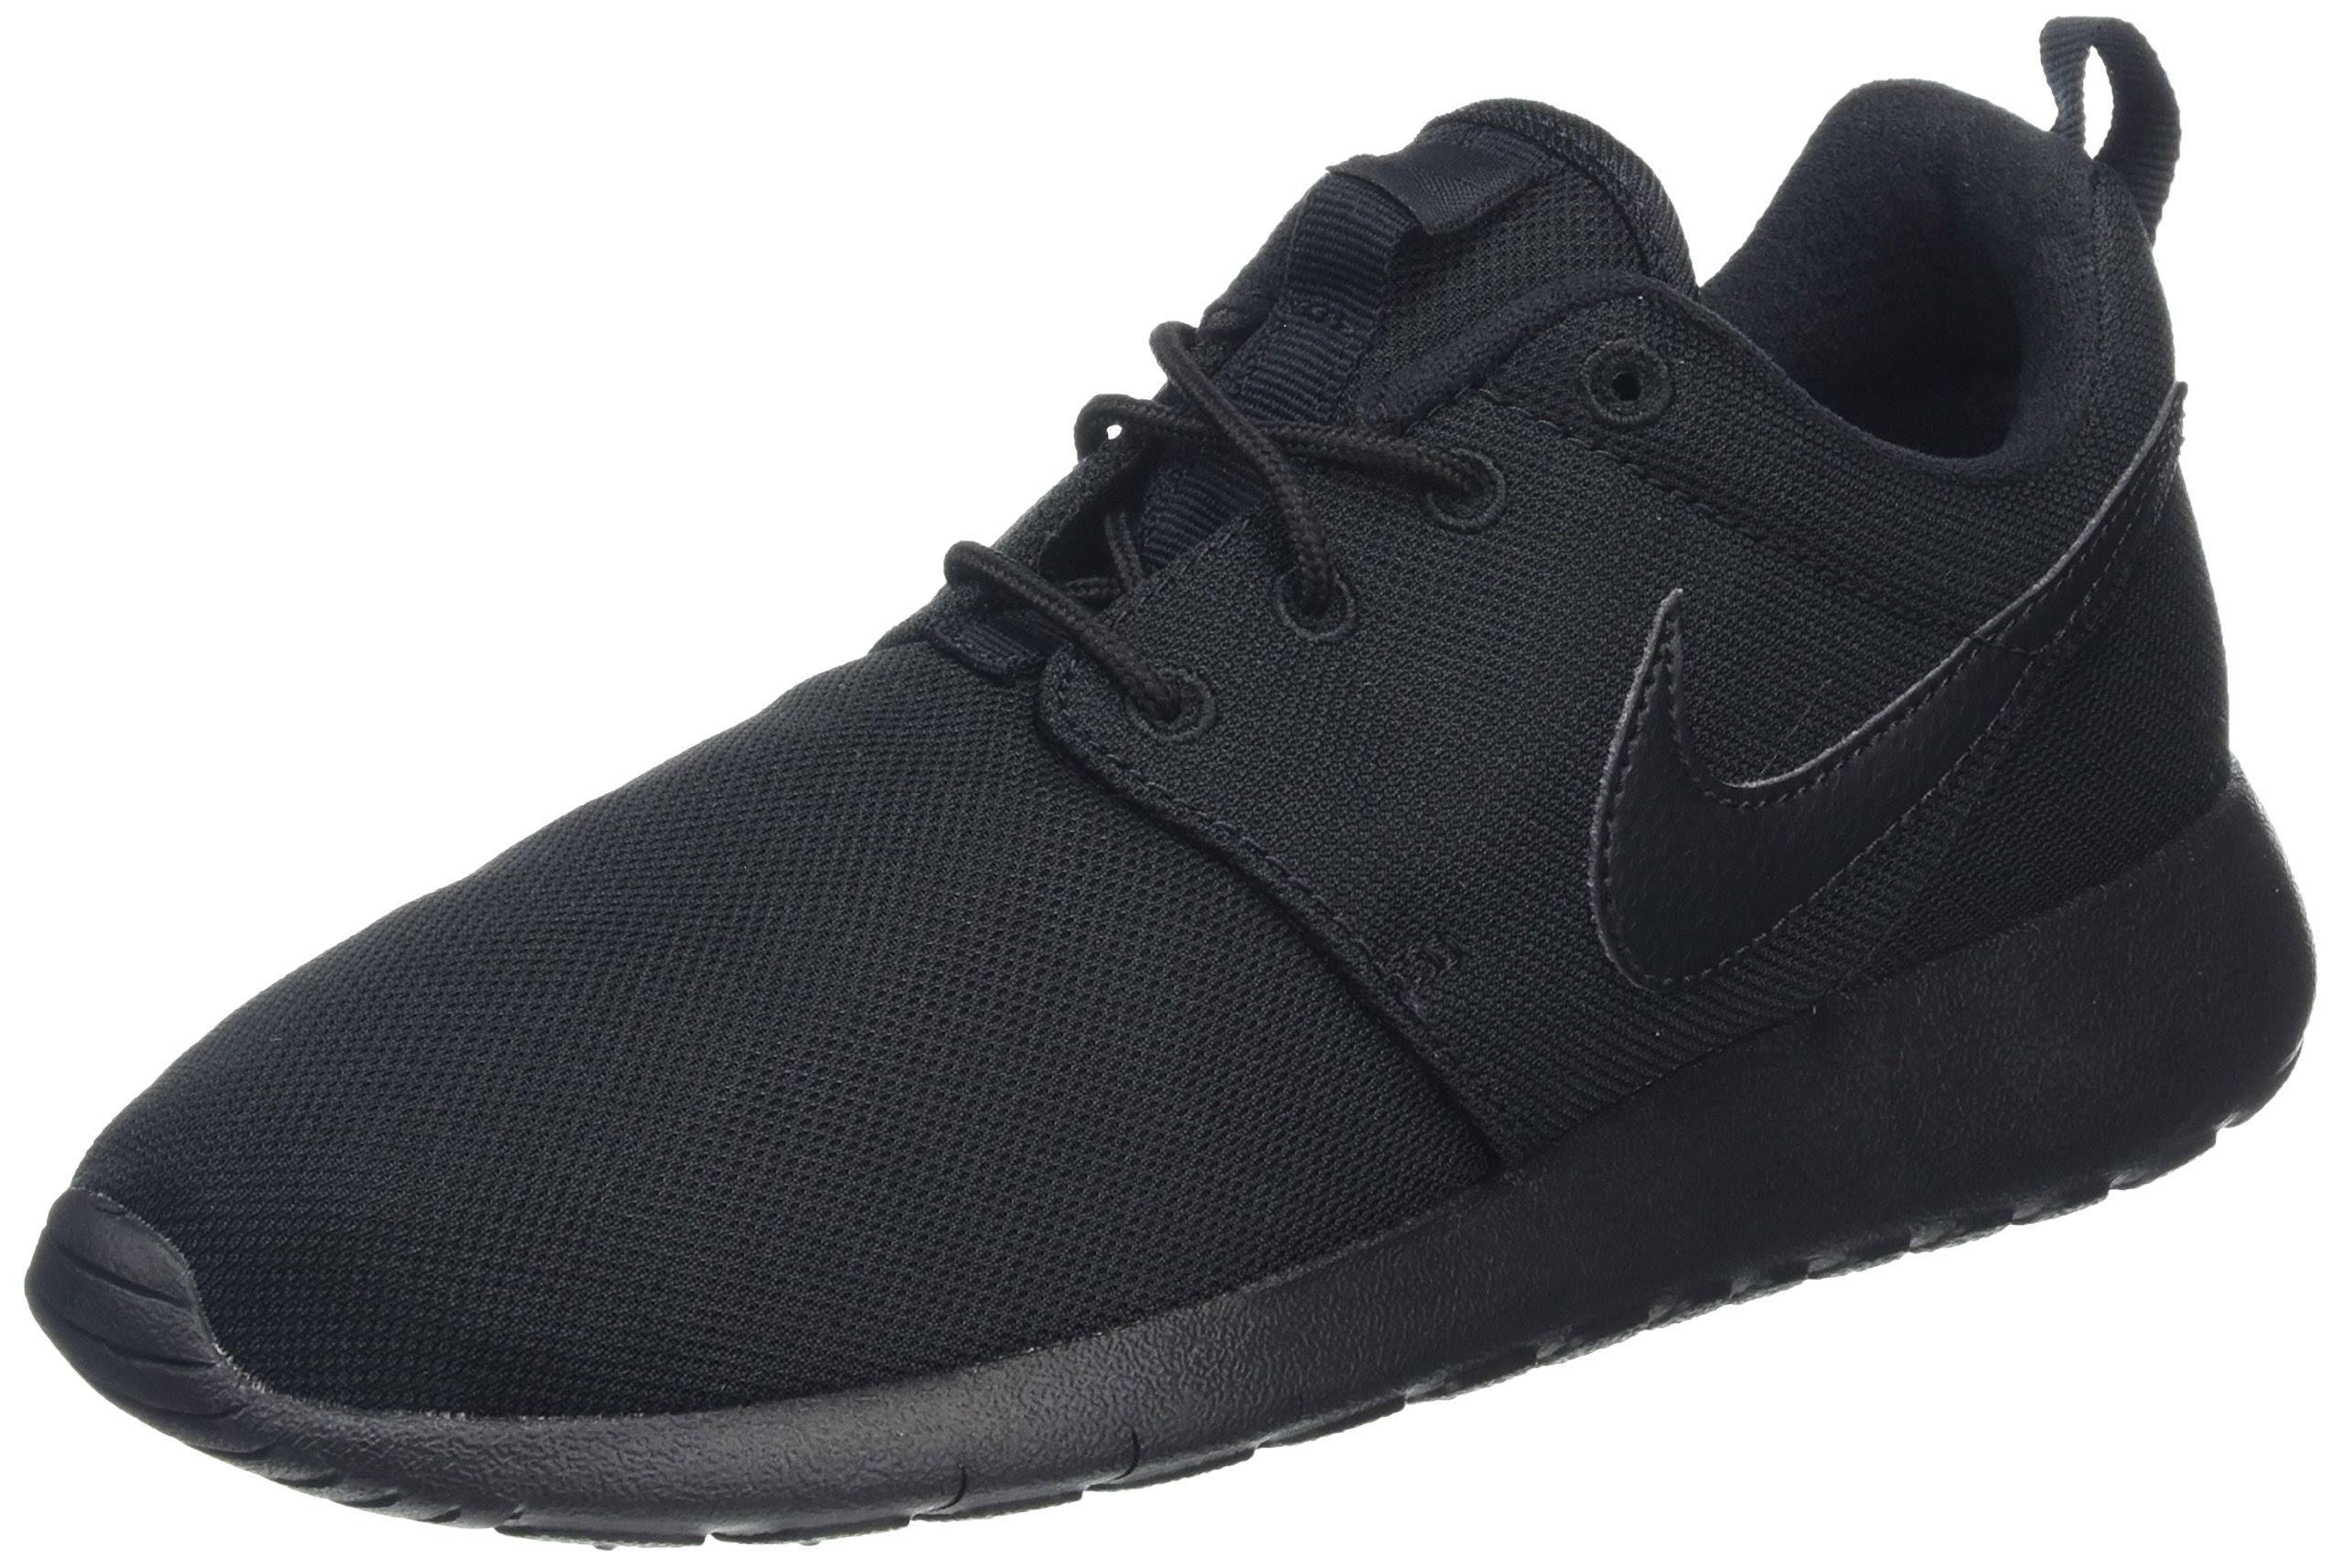 Roshe zwart6 Nike Onezwartzwart Nike zwart wX0P8nkNO